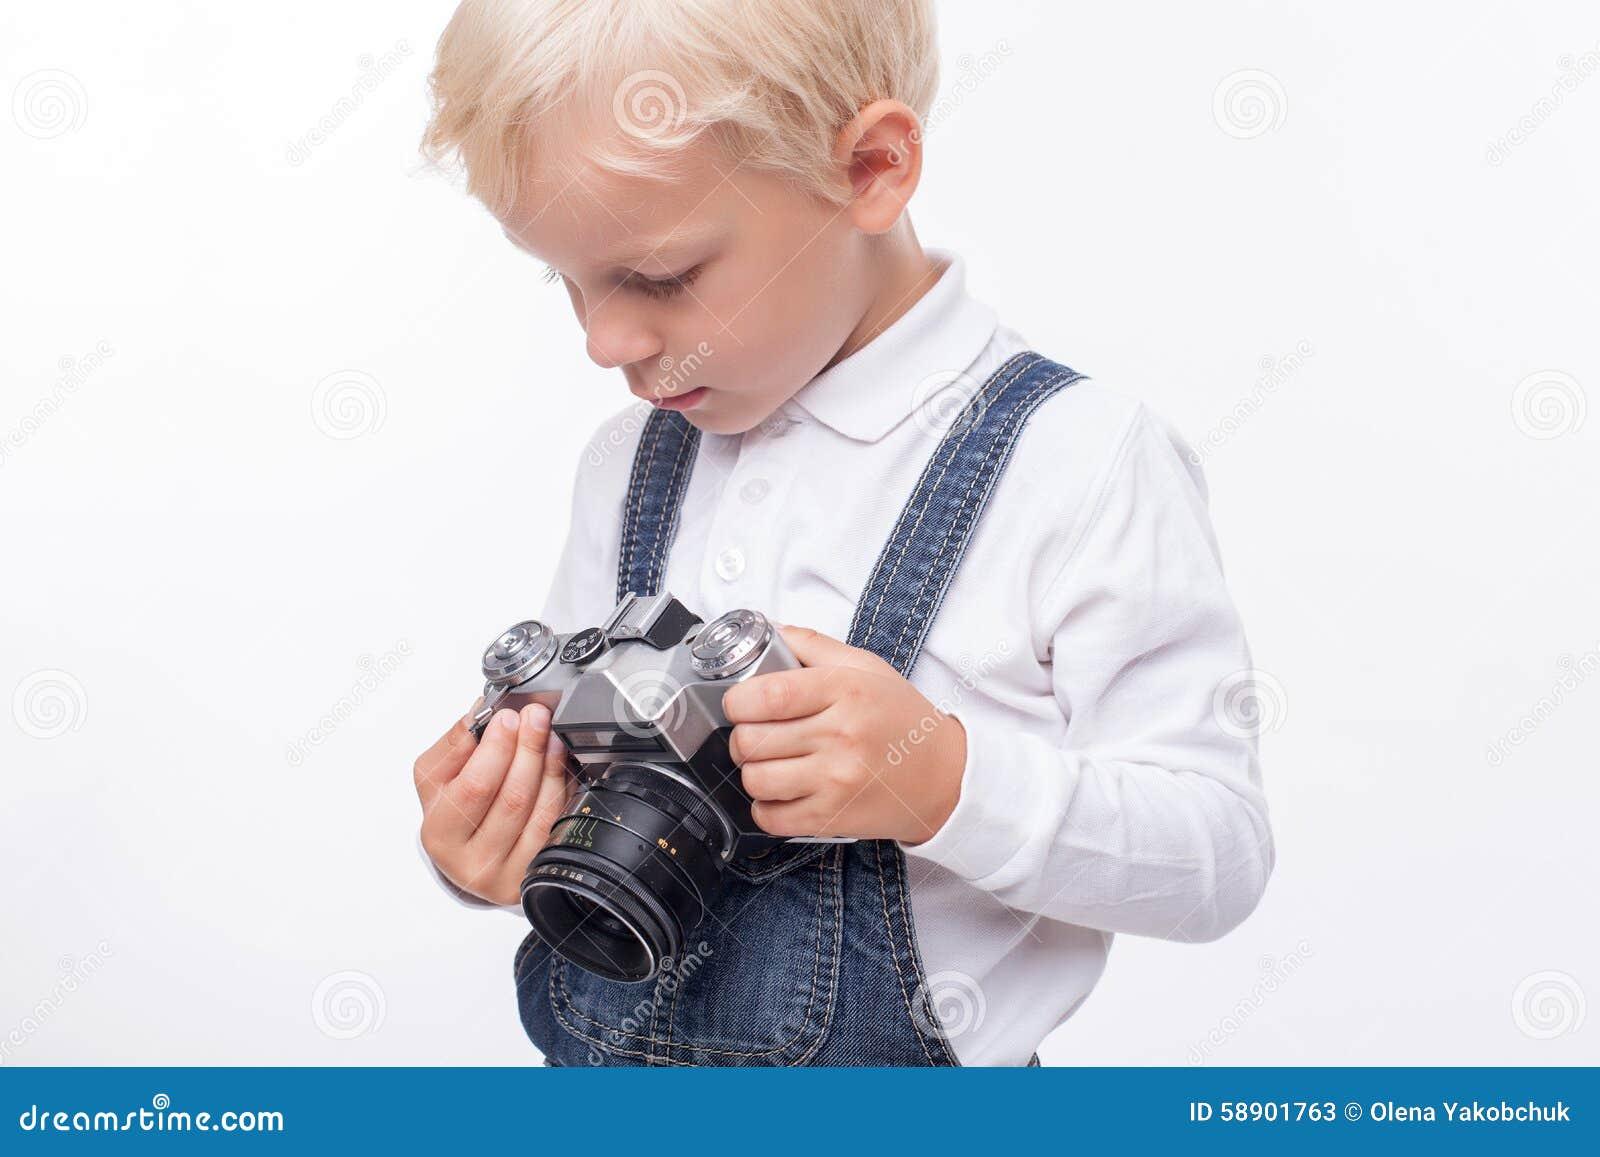 快乐的小男孩为做照片做准备